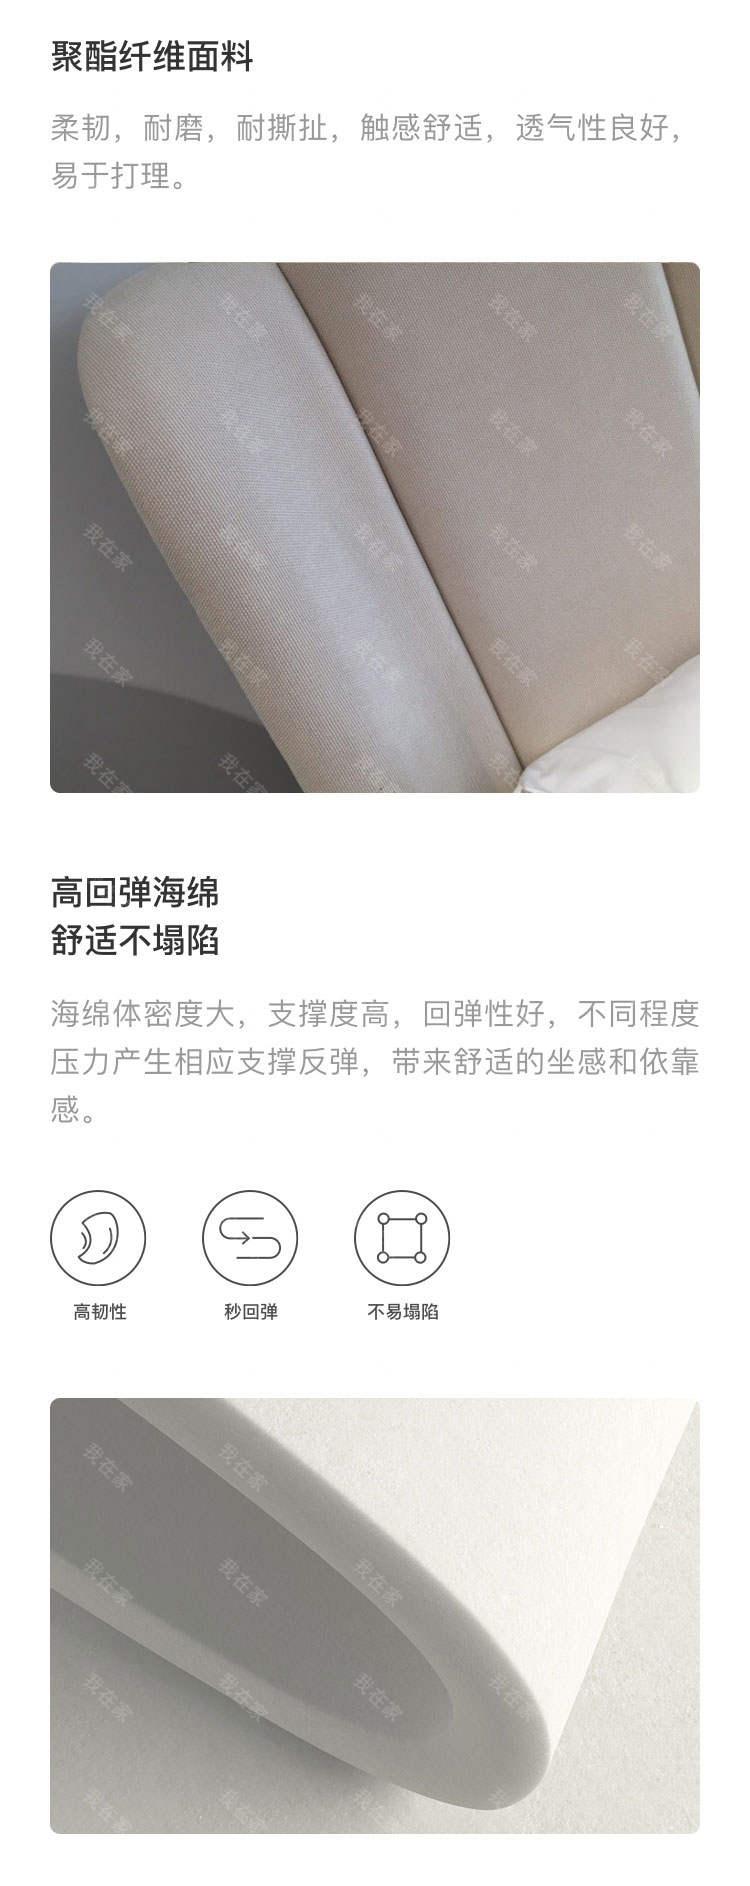 轻奢美式风格天使之翼双人床的家具详细介绍